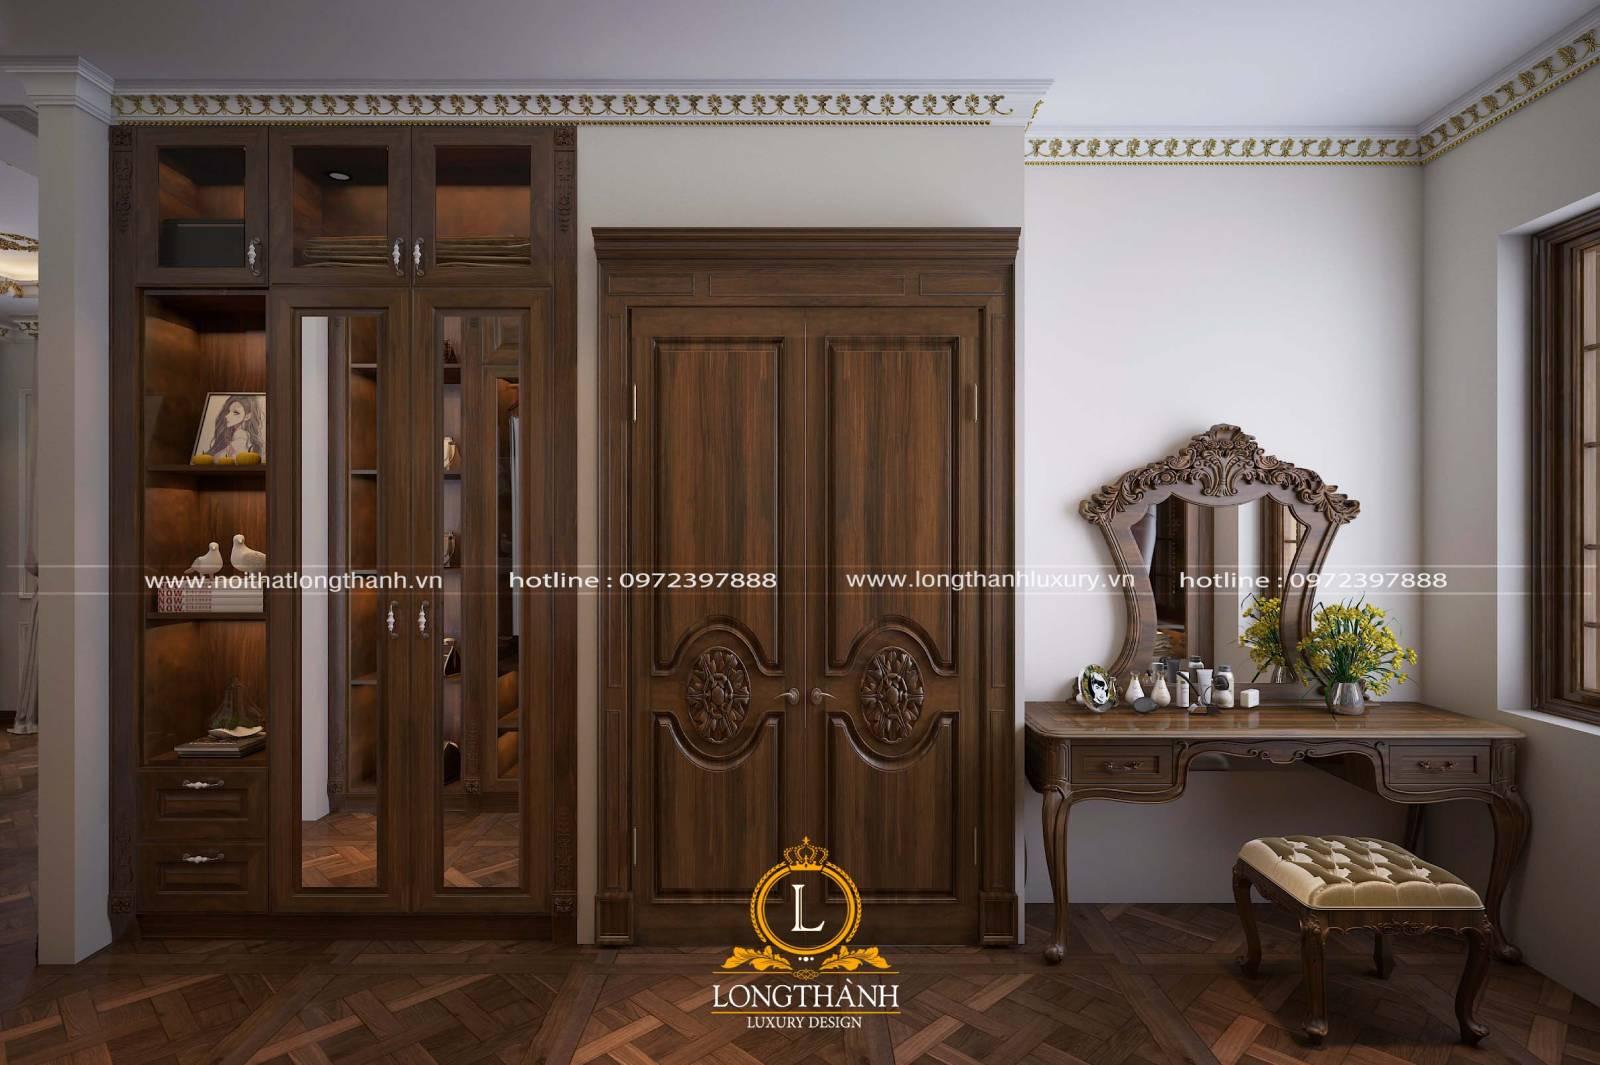 Cửa gỗ cho phòng ngủ tân cổ điển